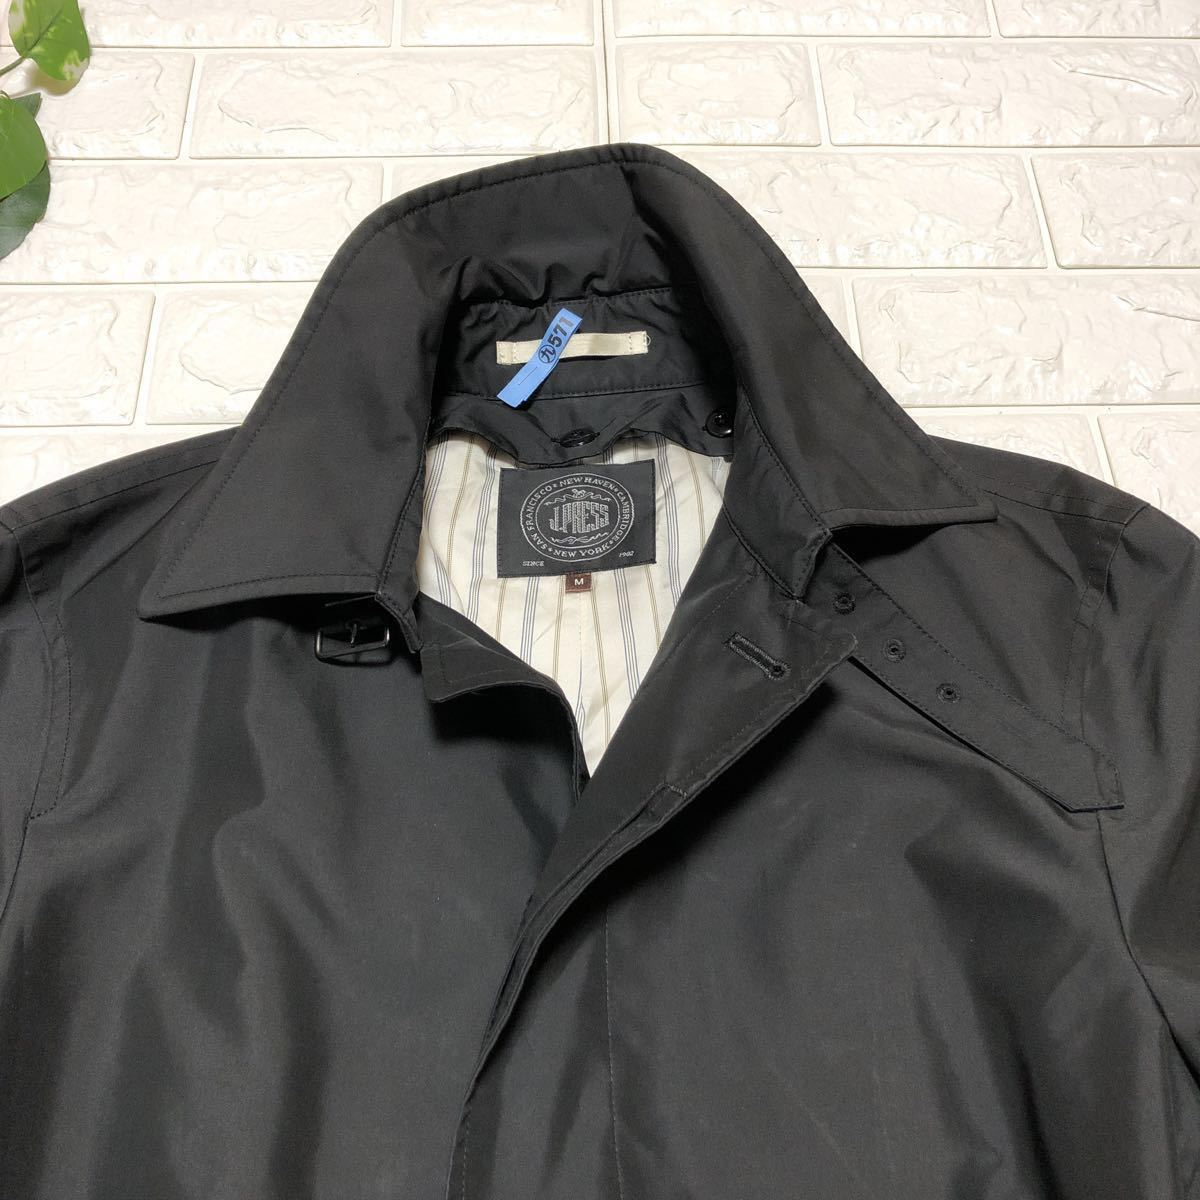 ★ジェイプレス/美品!クリーニング済/ライナー付★J.PRESS ステンカラー コート ロング丈 比翼仕立て ブラック M メンズ_画像5